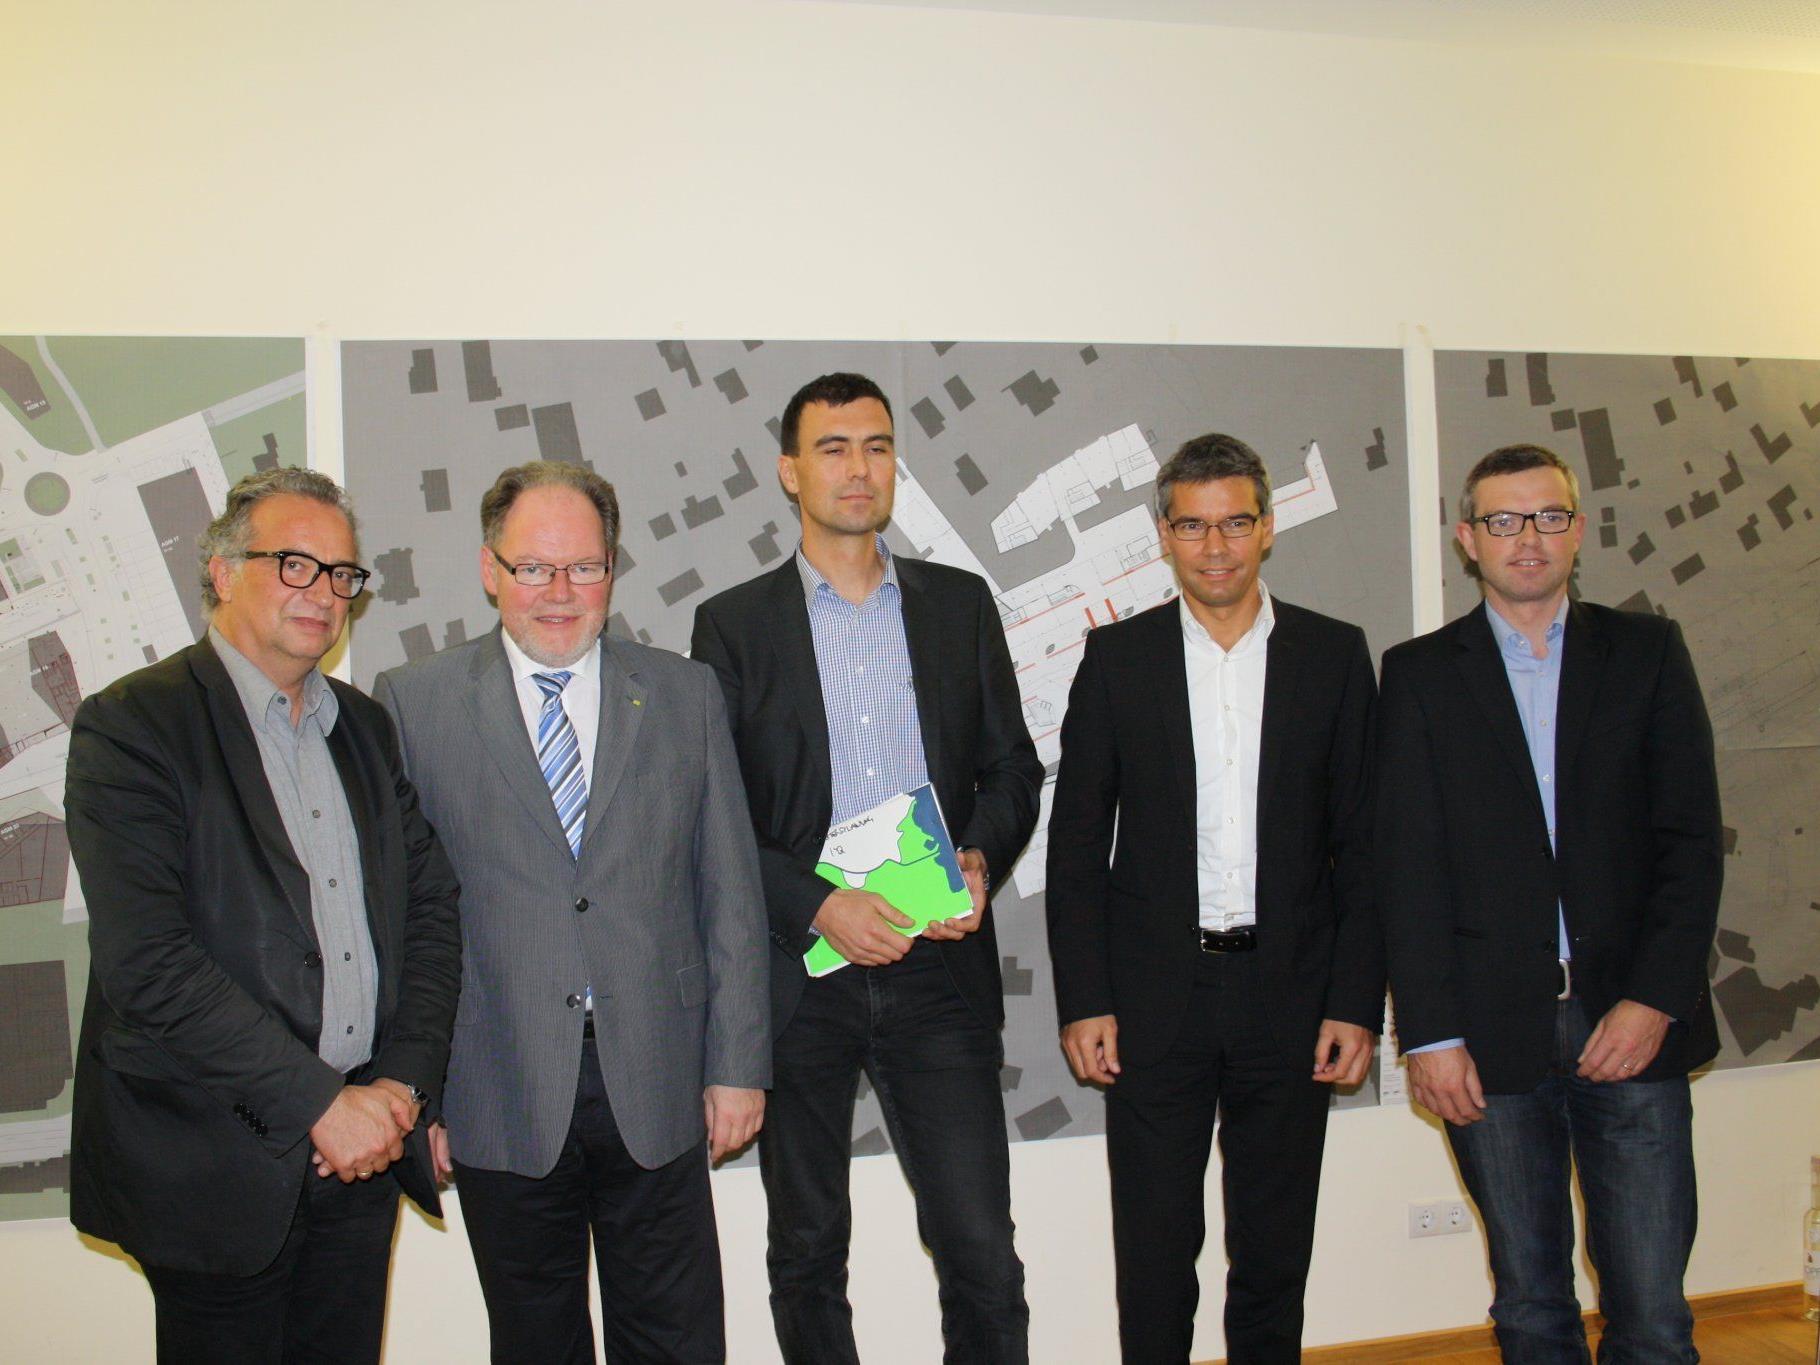 W. Rietsch, W. Huber, M. Assmann, E. Hajek, und M. Herburger als Experten der Diskussionsrunde